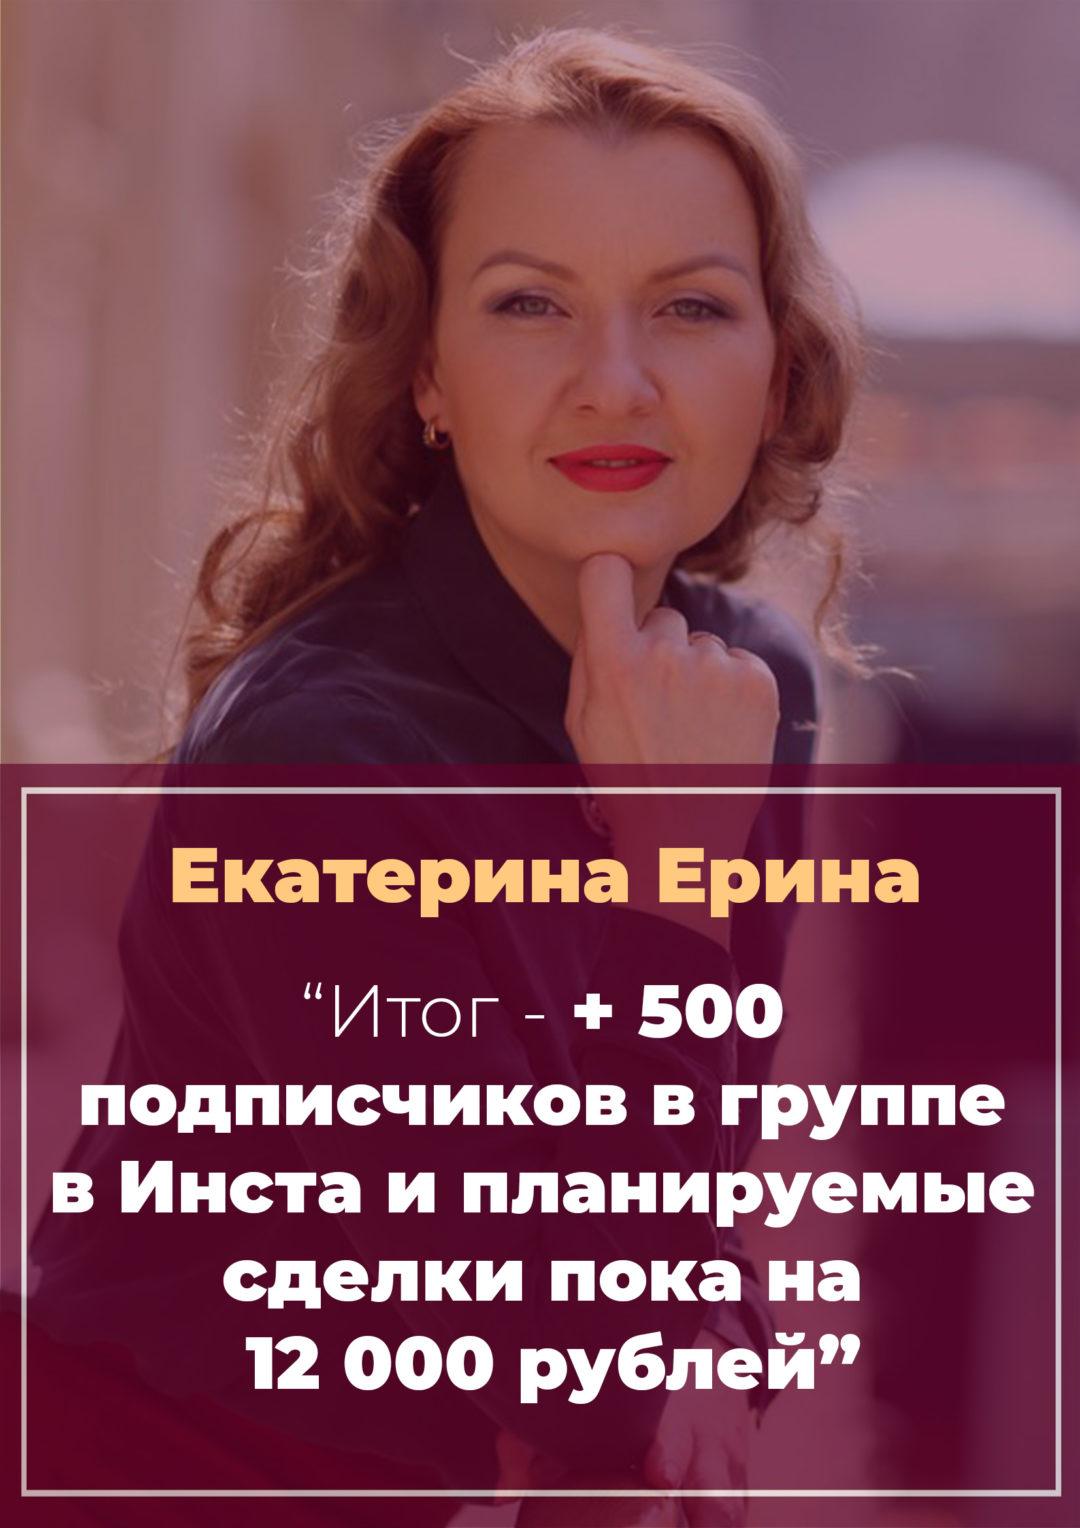 История Екатерины Ериной